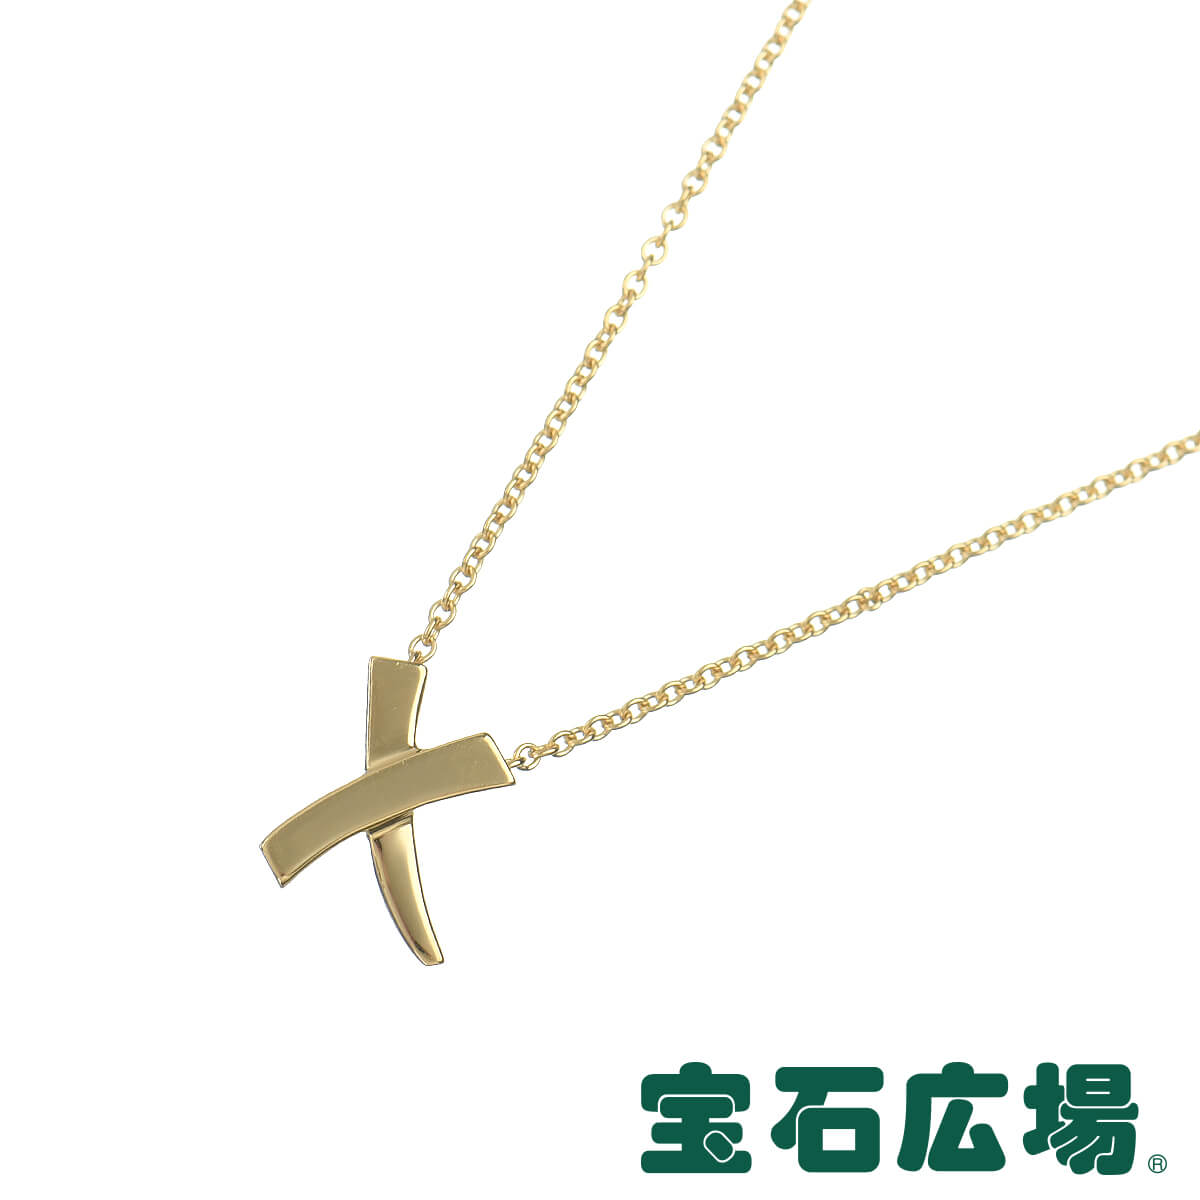 ティファニー TIFFANY&CO パロマ・ピカソ グラフィティX ネックレス 【中古】 ジュエリー 送料無料